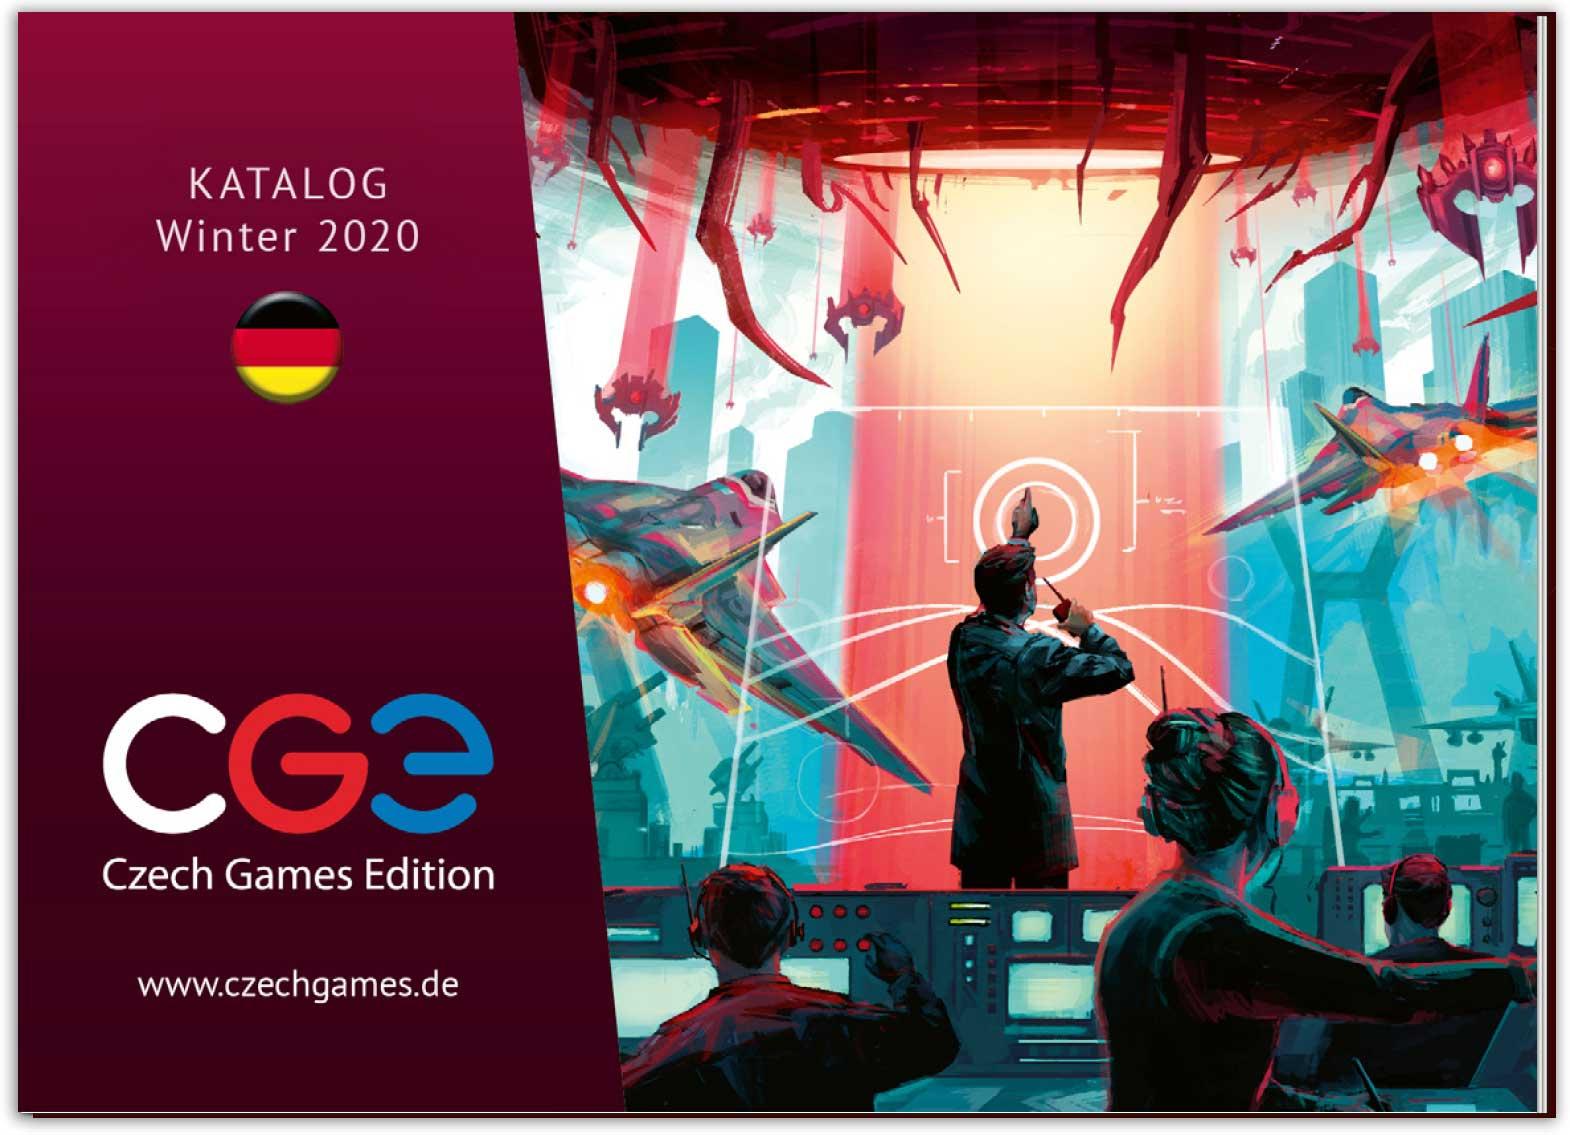 czech games edition katalog 2020